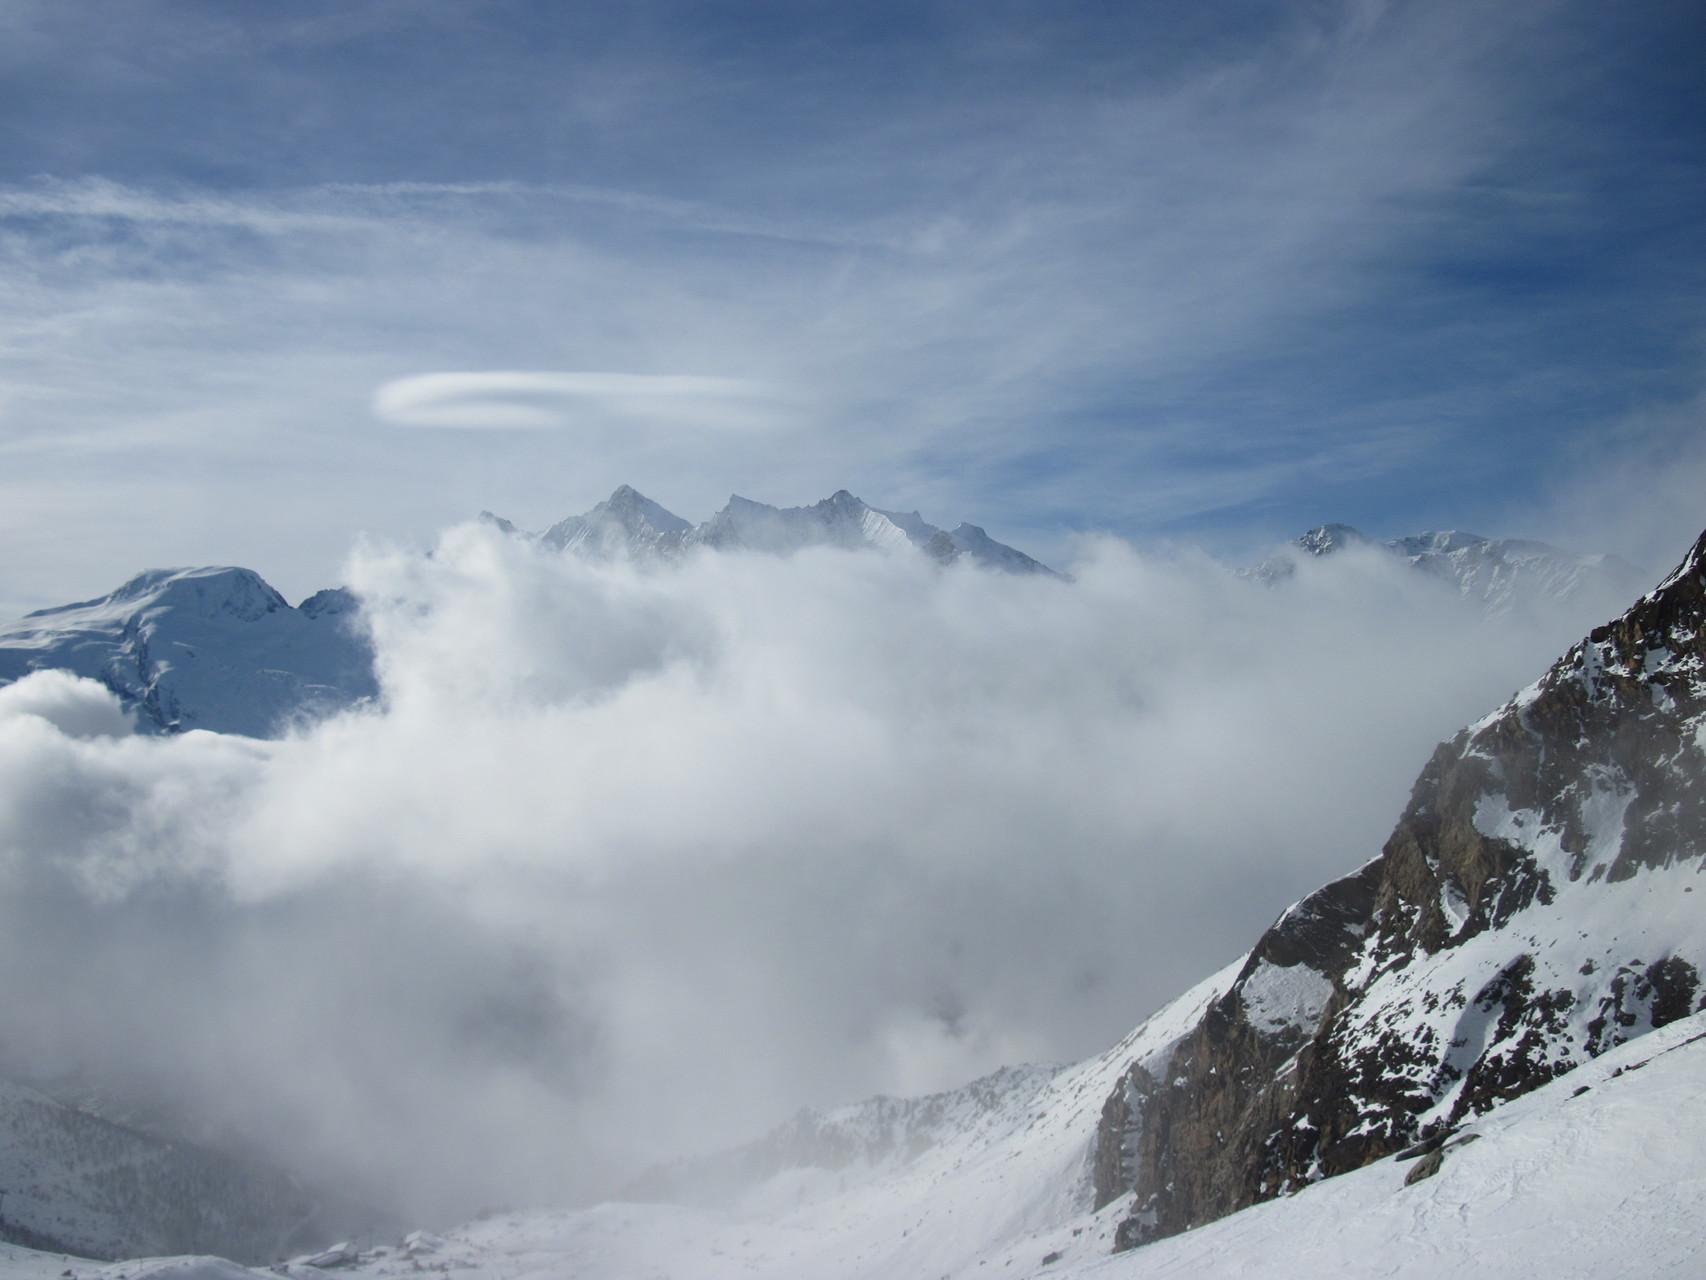 ...über den Wolken, muss die Freiheit wohl grenzenlos sein...